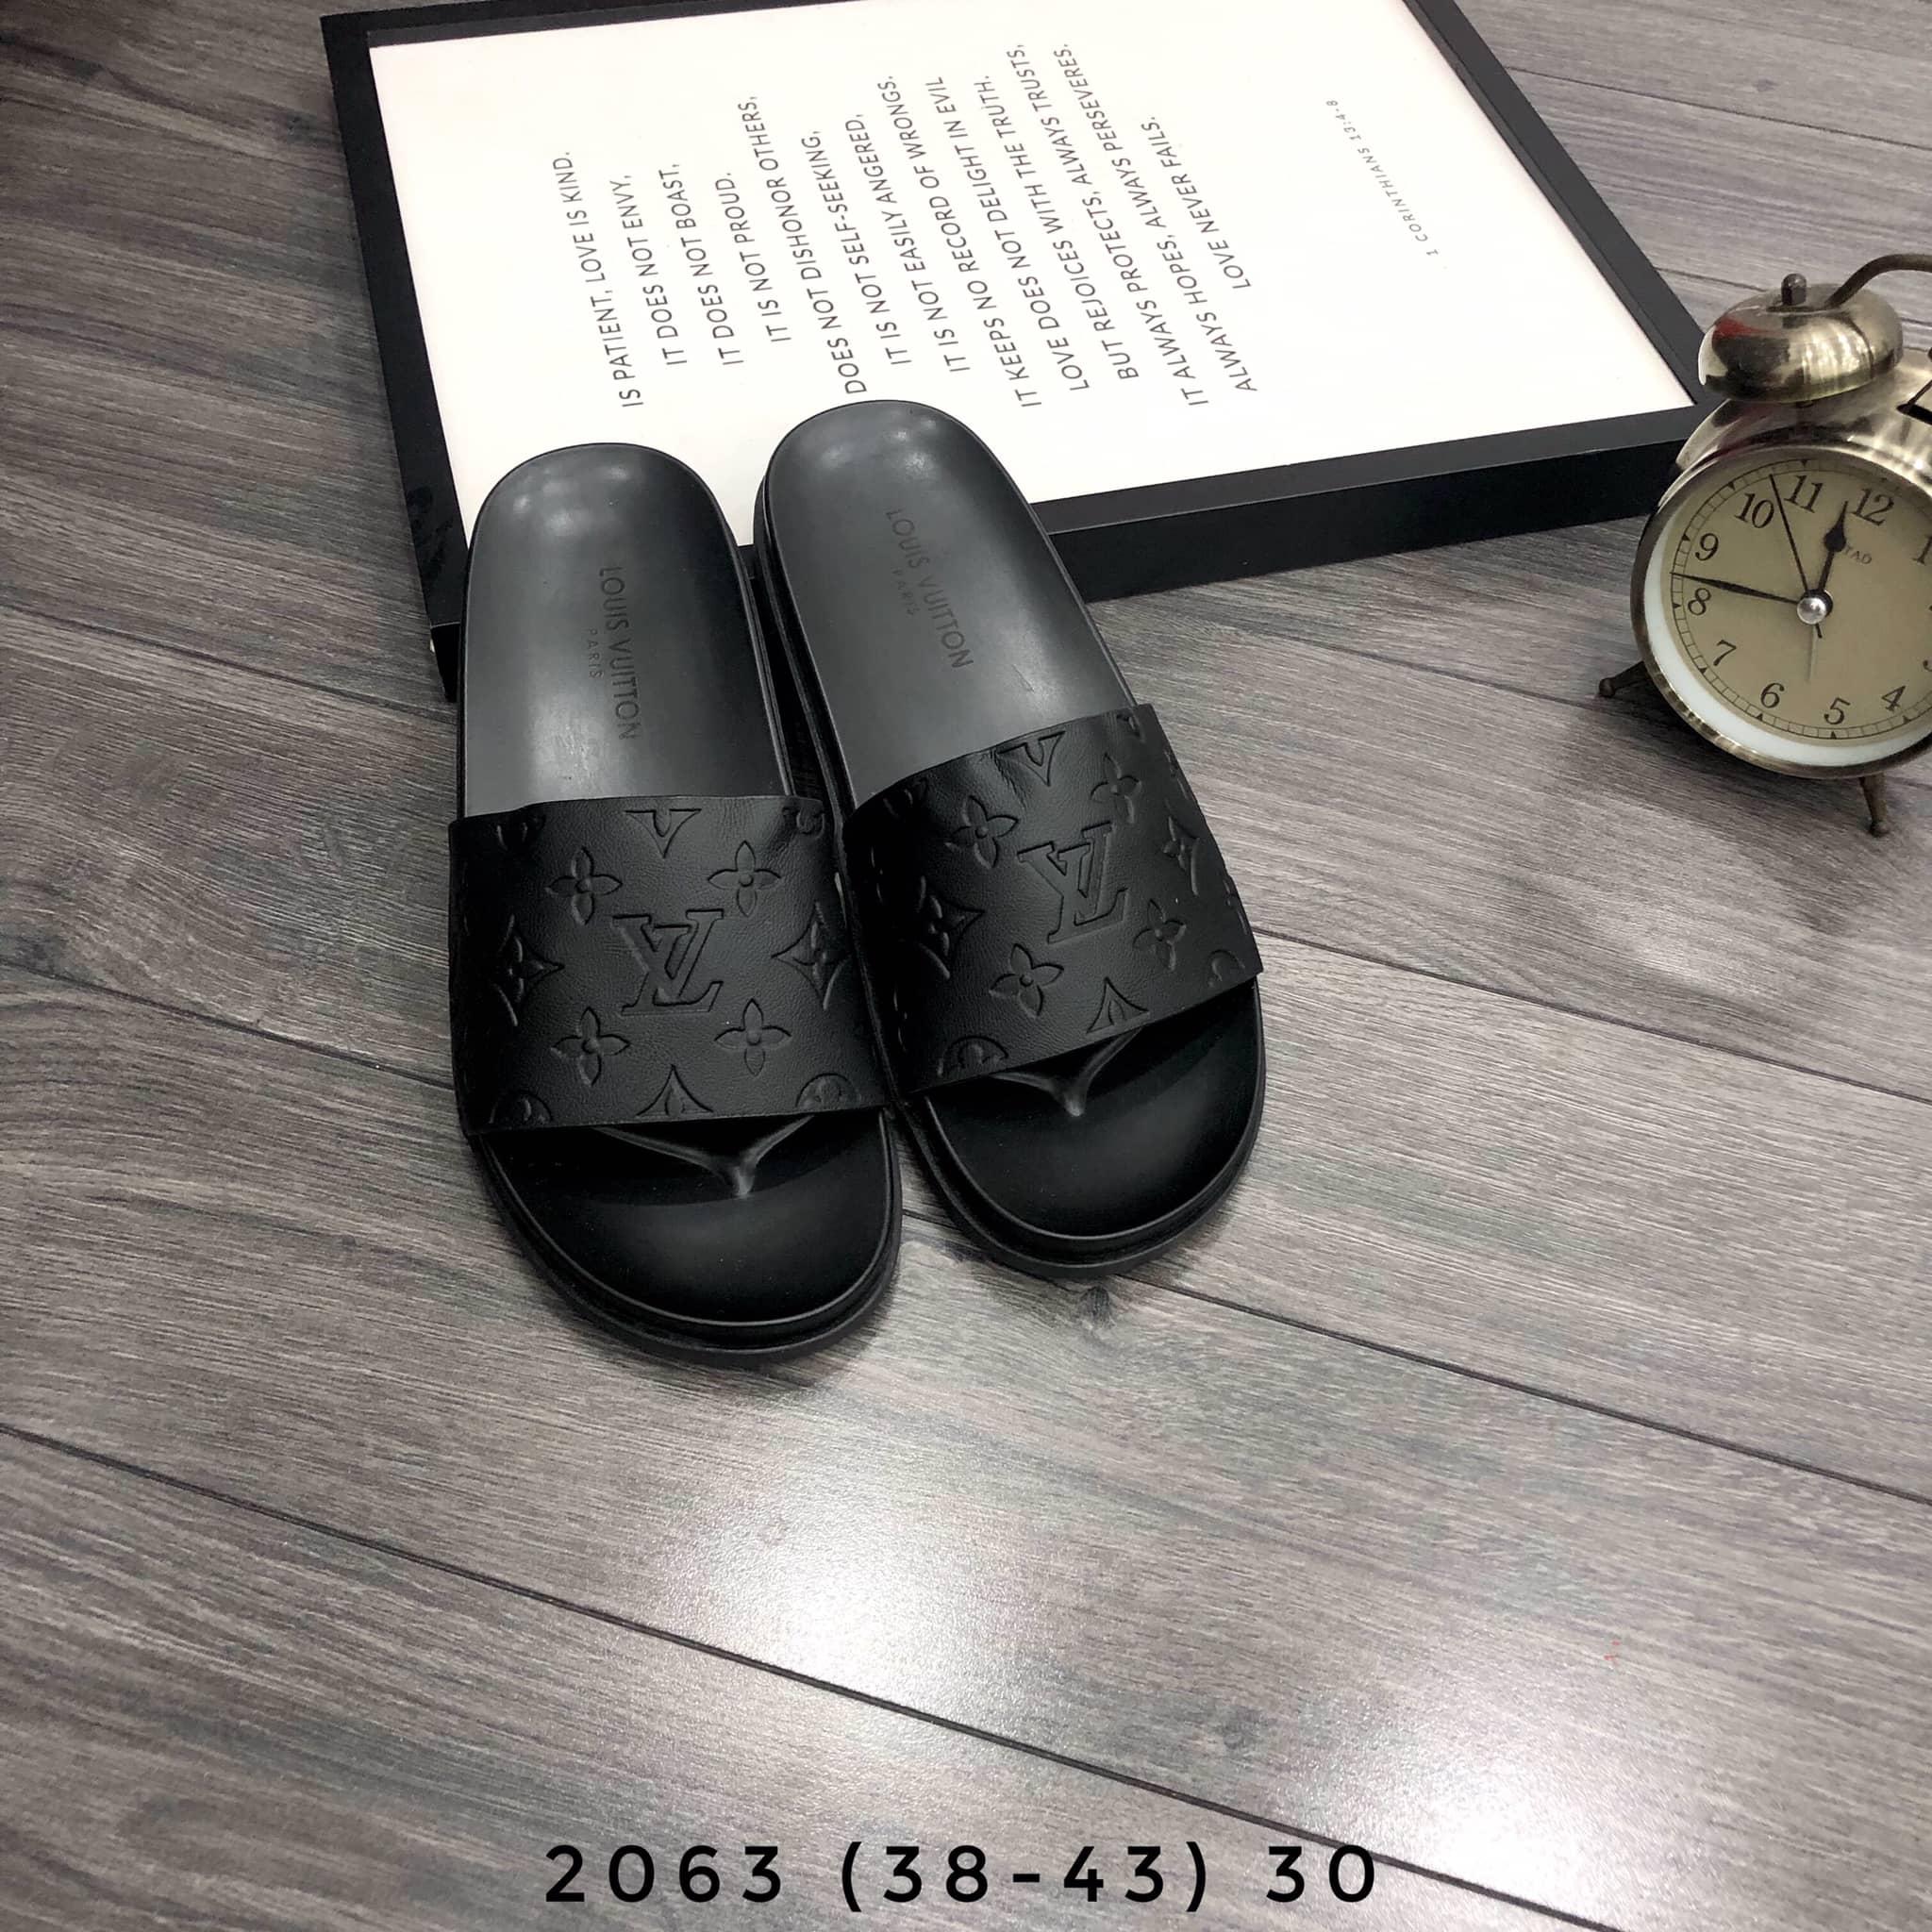 DÉP 2063 (38-43)